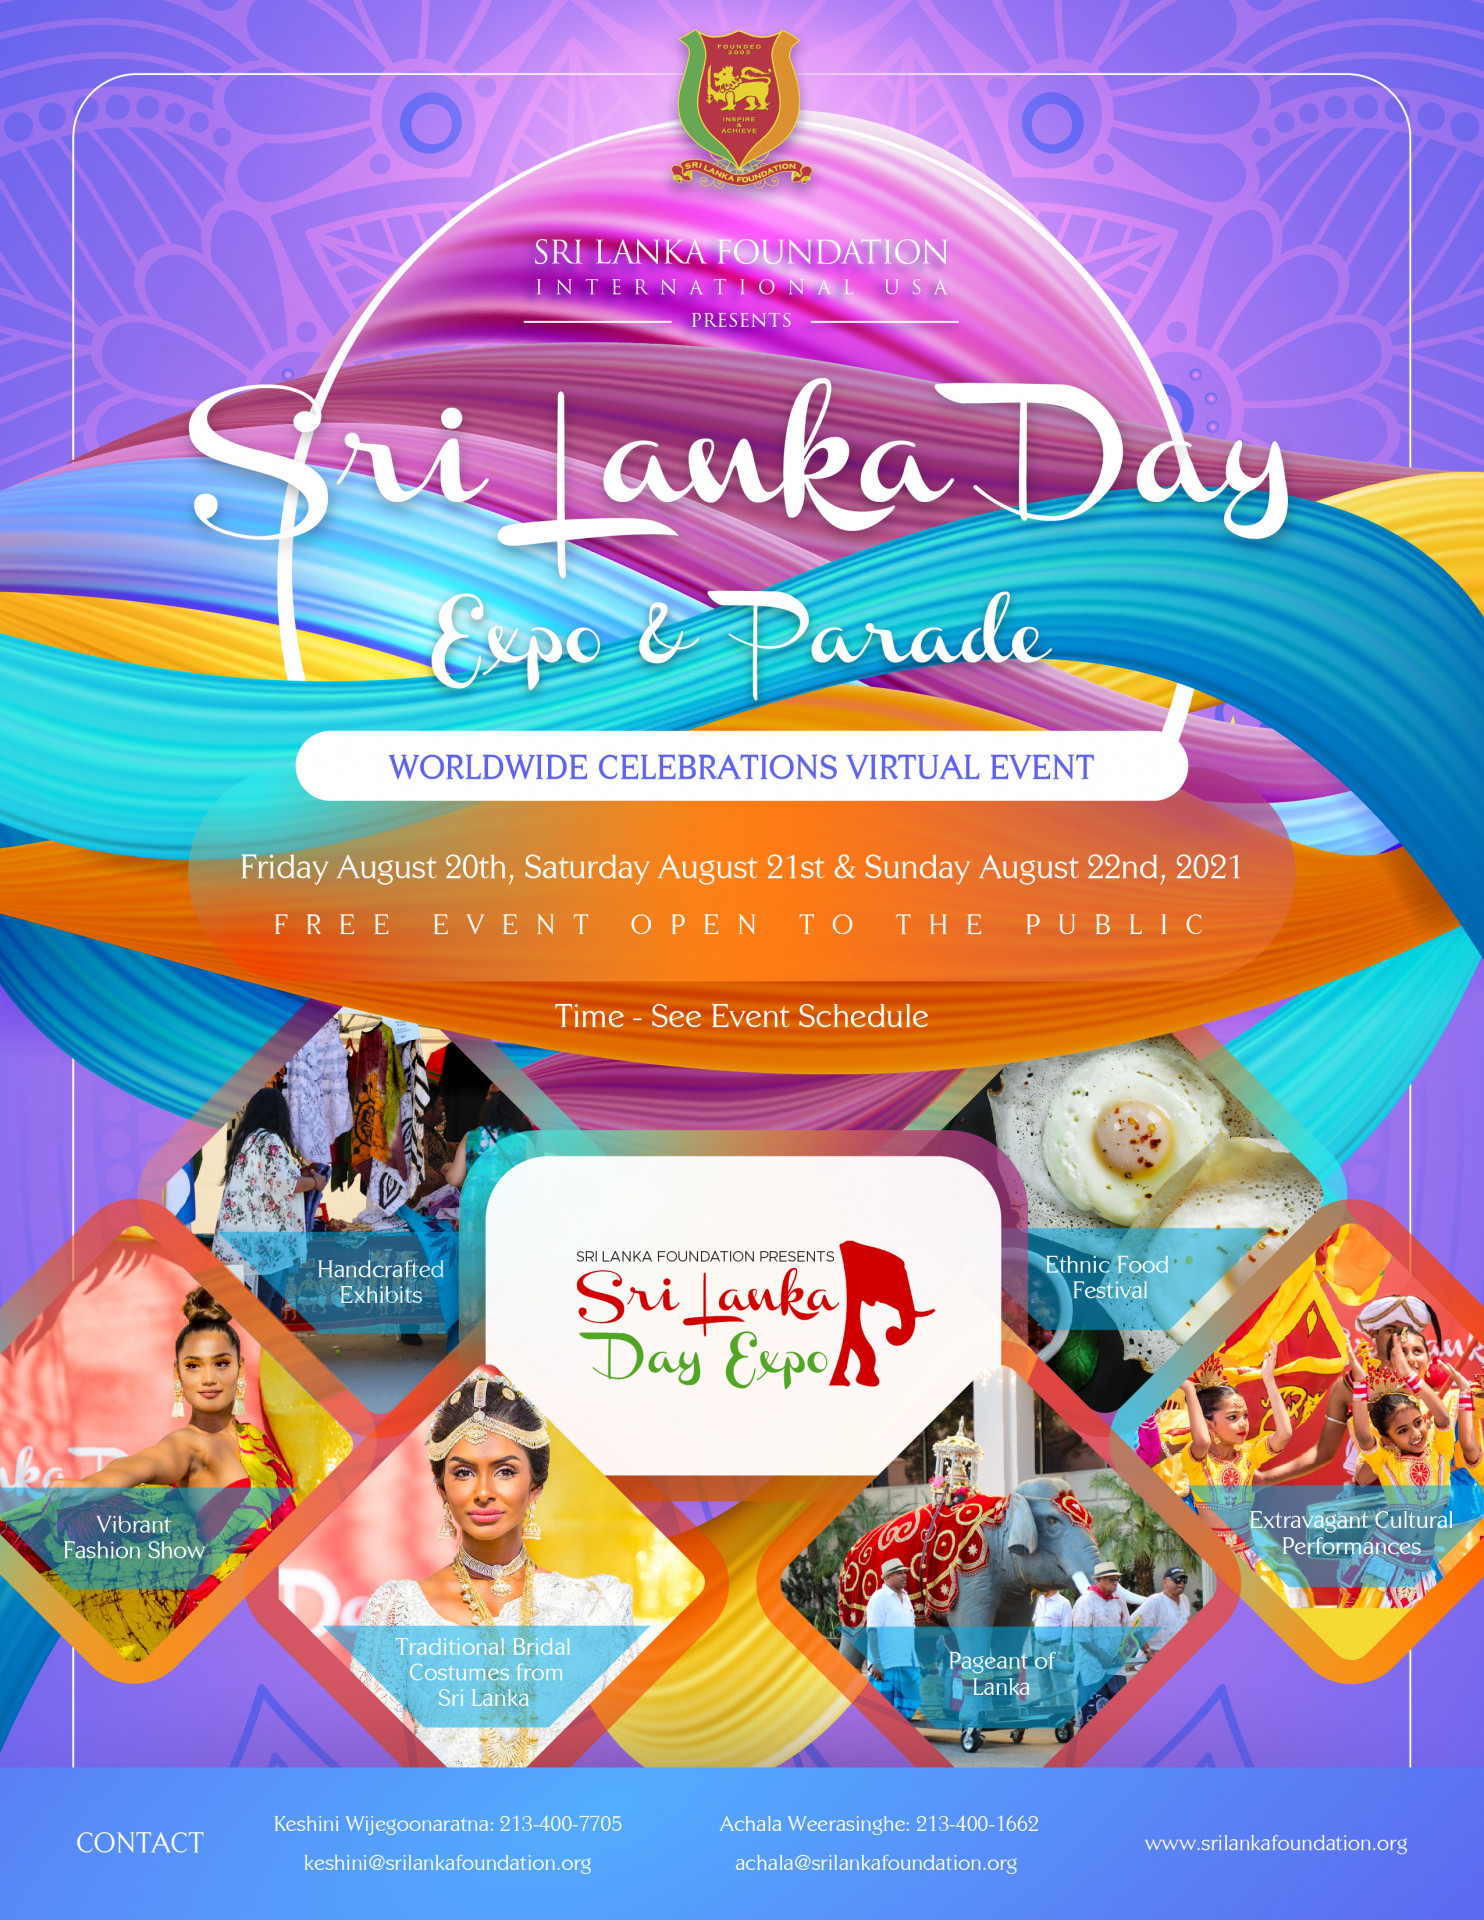 Sri Lanka Day Expo 2021